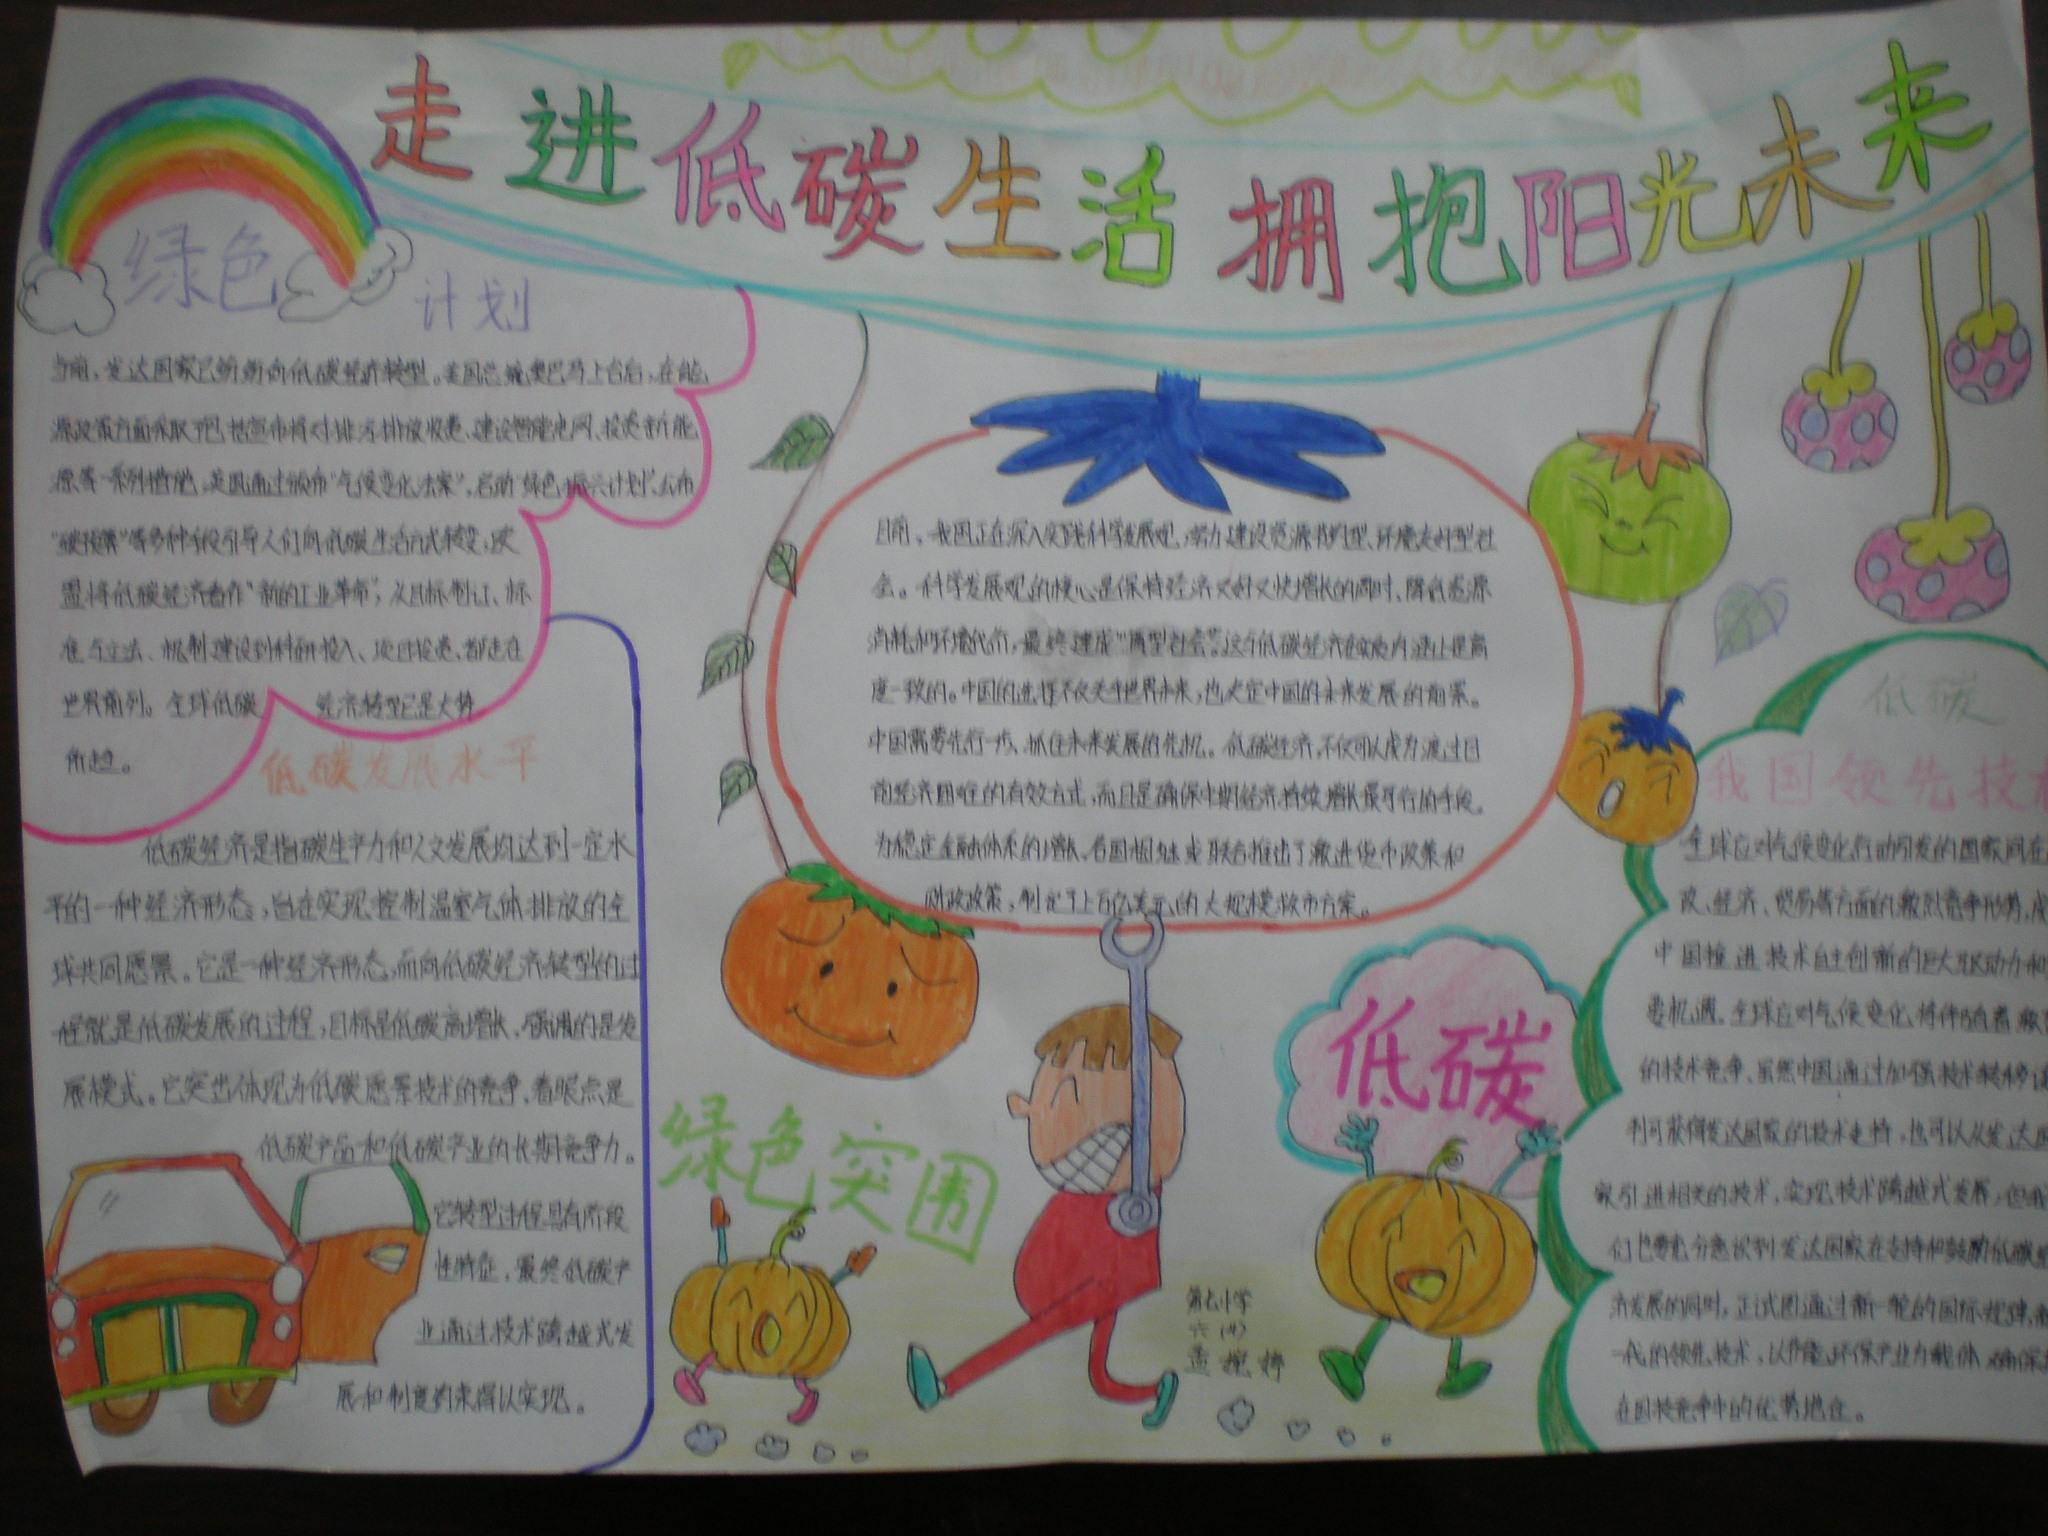 我校五、六年级学生在科学老师唐剑、王云霞老师的认真组高清图片